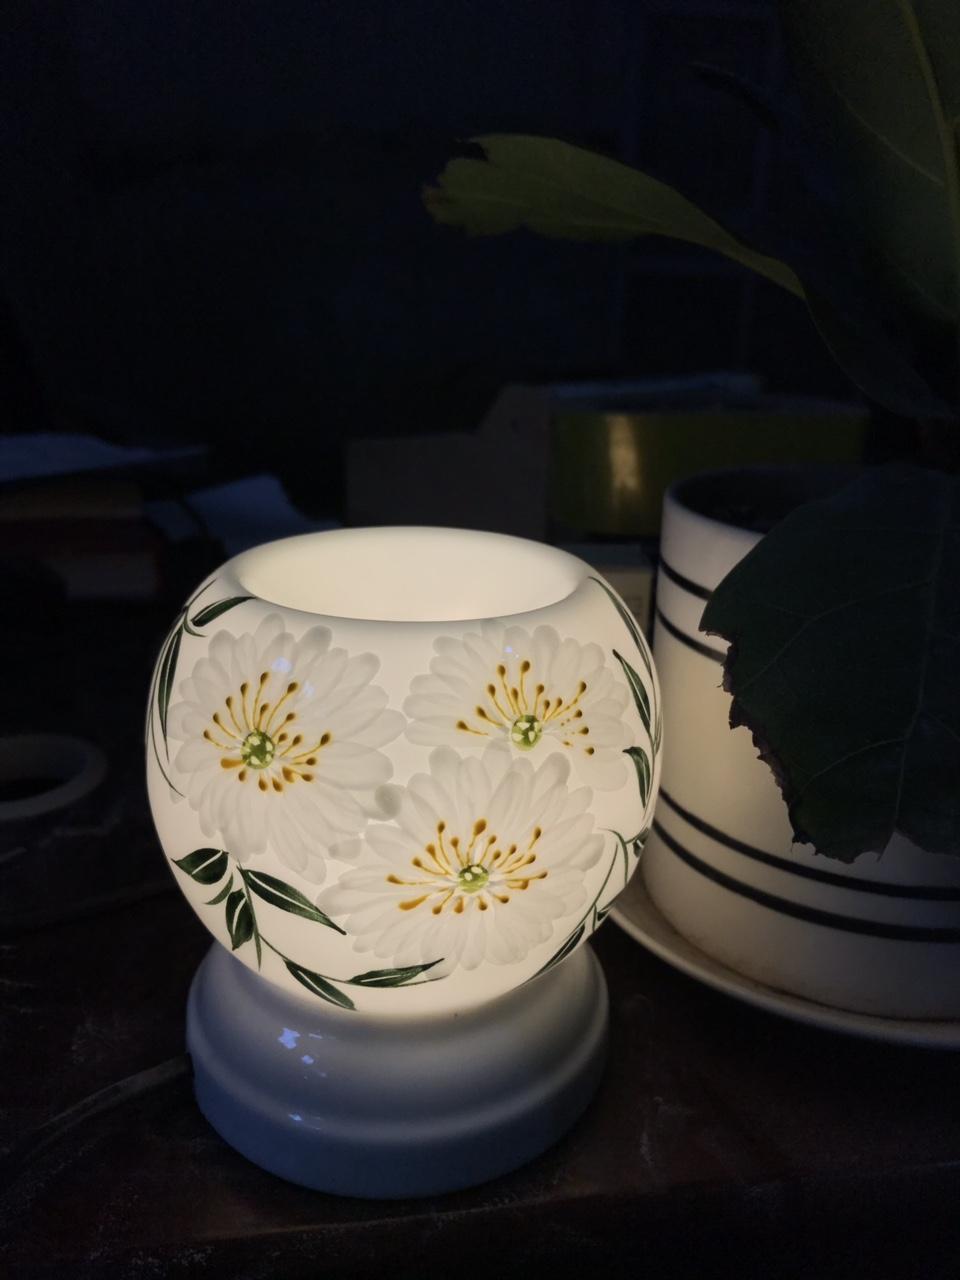 Đèn xông tinh dầu Cúc trắng MNB48 Song An tặng 1 chai tinh dầu sả chanh Viện nông nghiệp và 1 bóng đèn